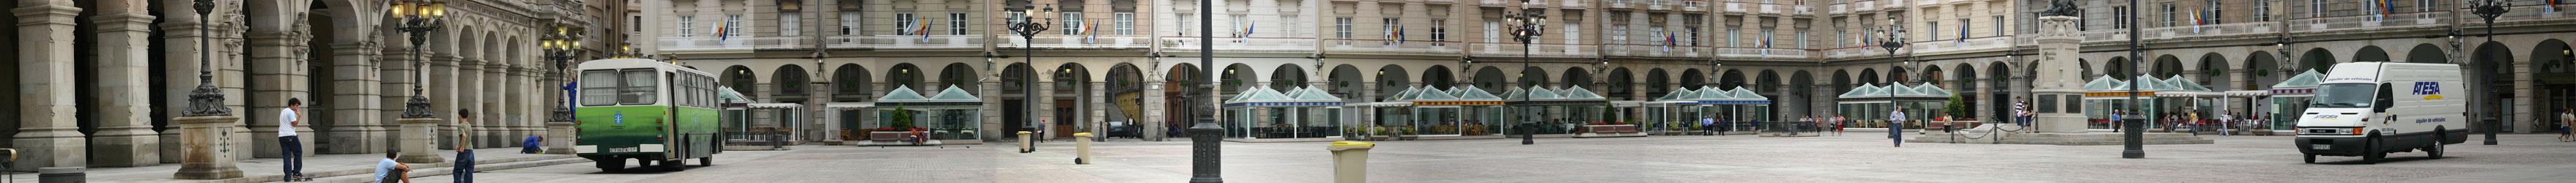 Plaza de María Pita, A Coruña, verano de 2004